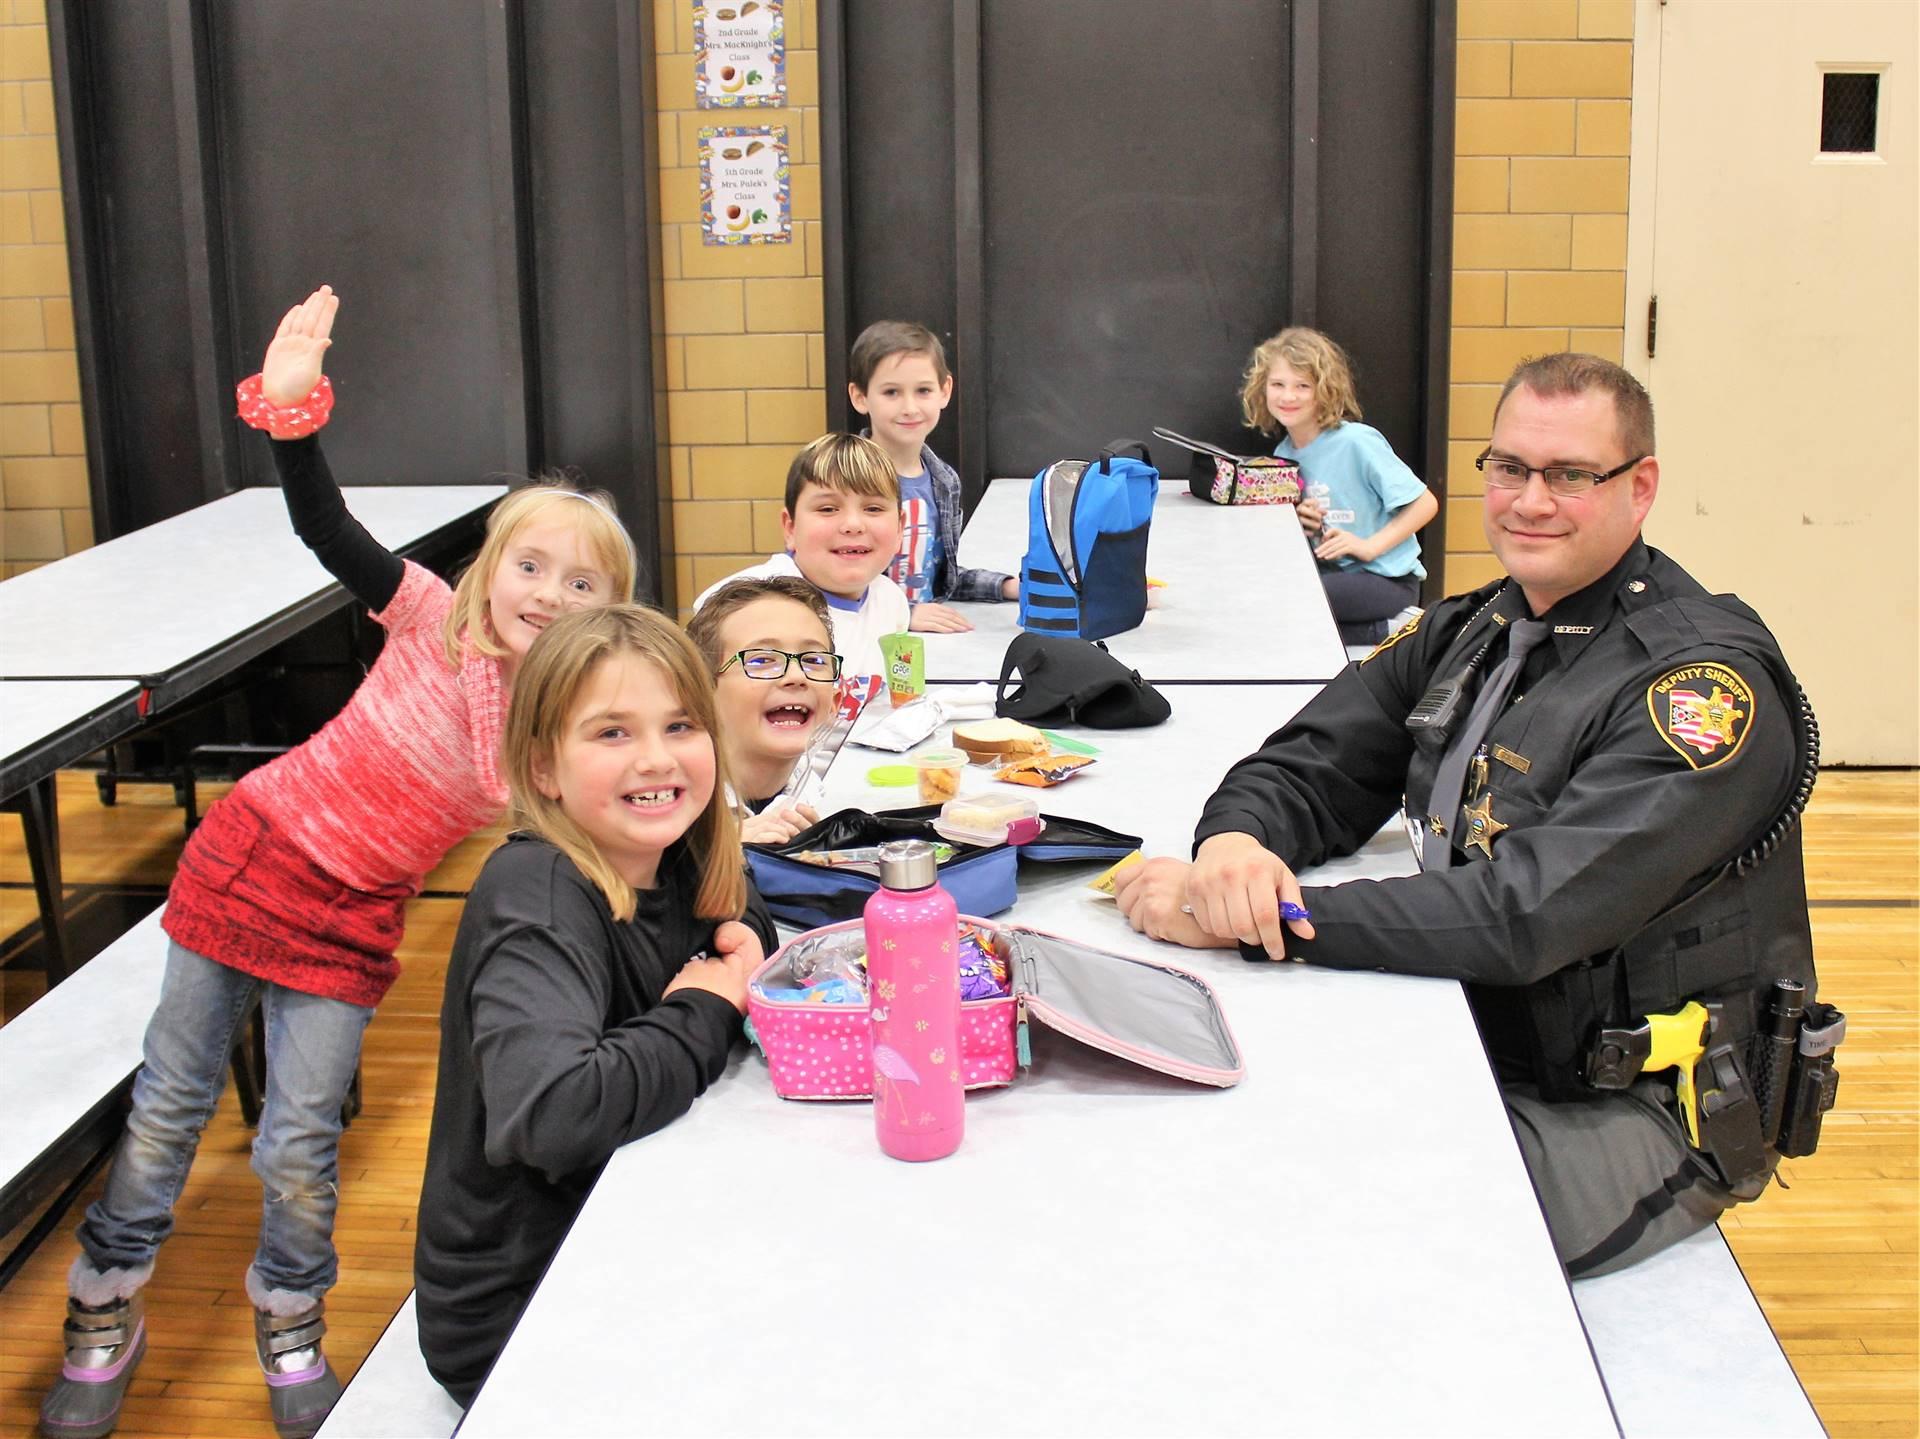 Lunch with Deputy Eisenberg